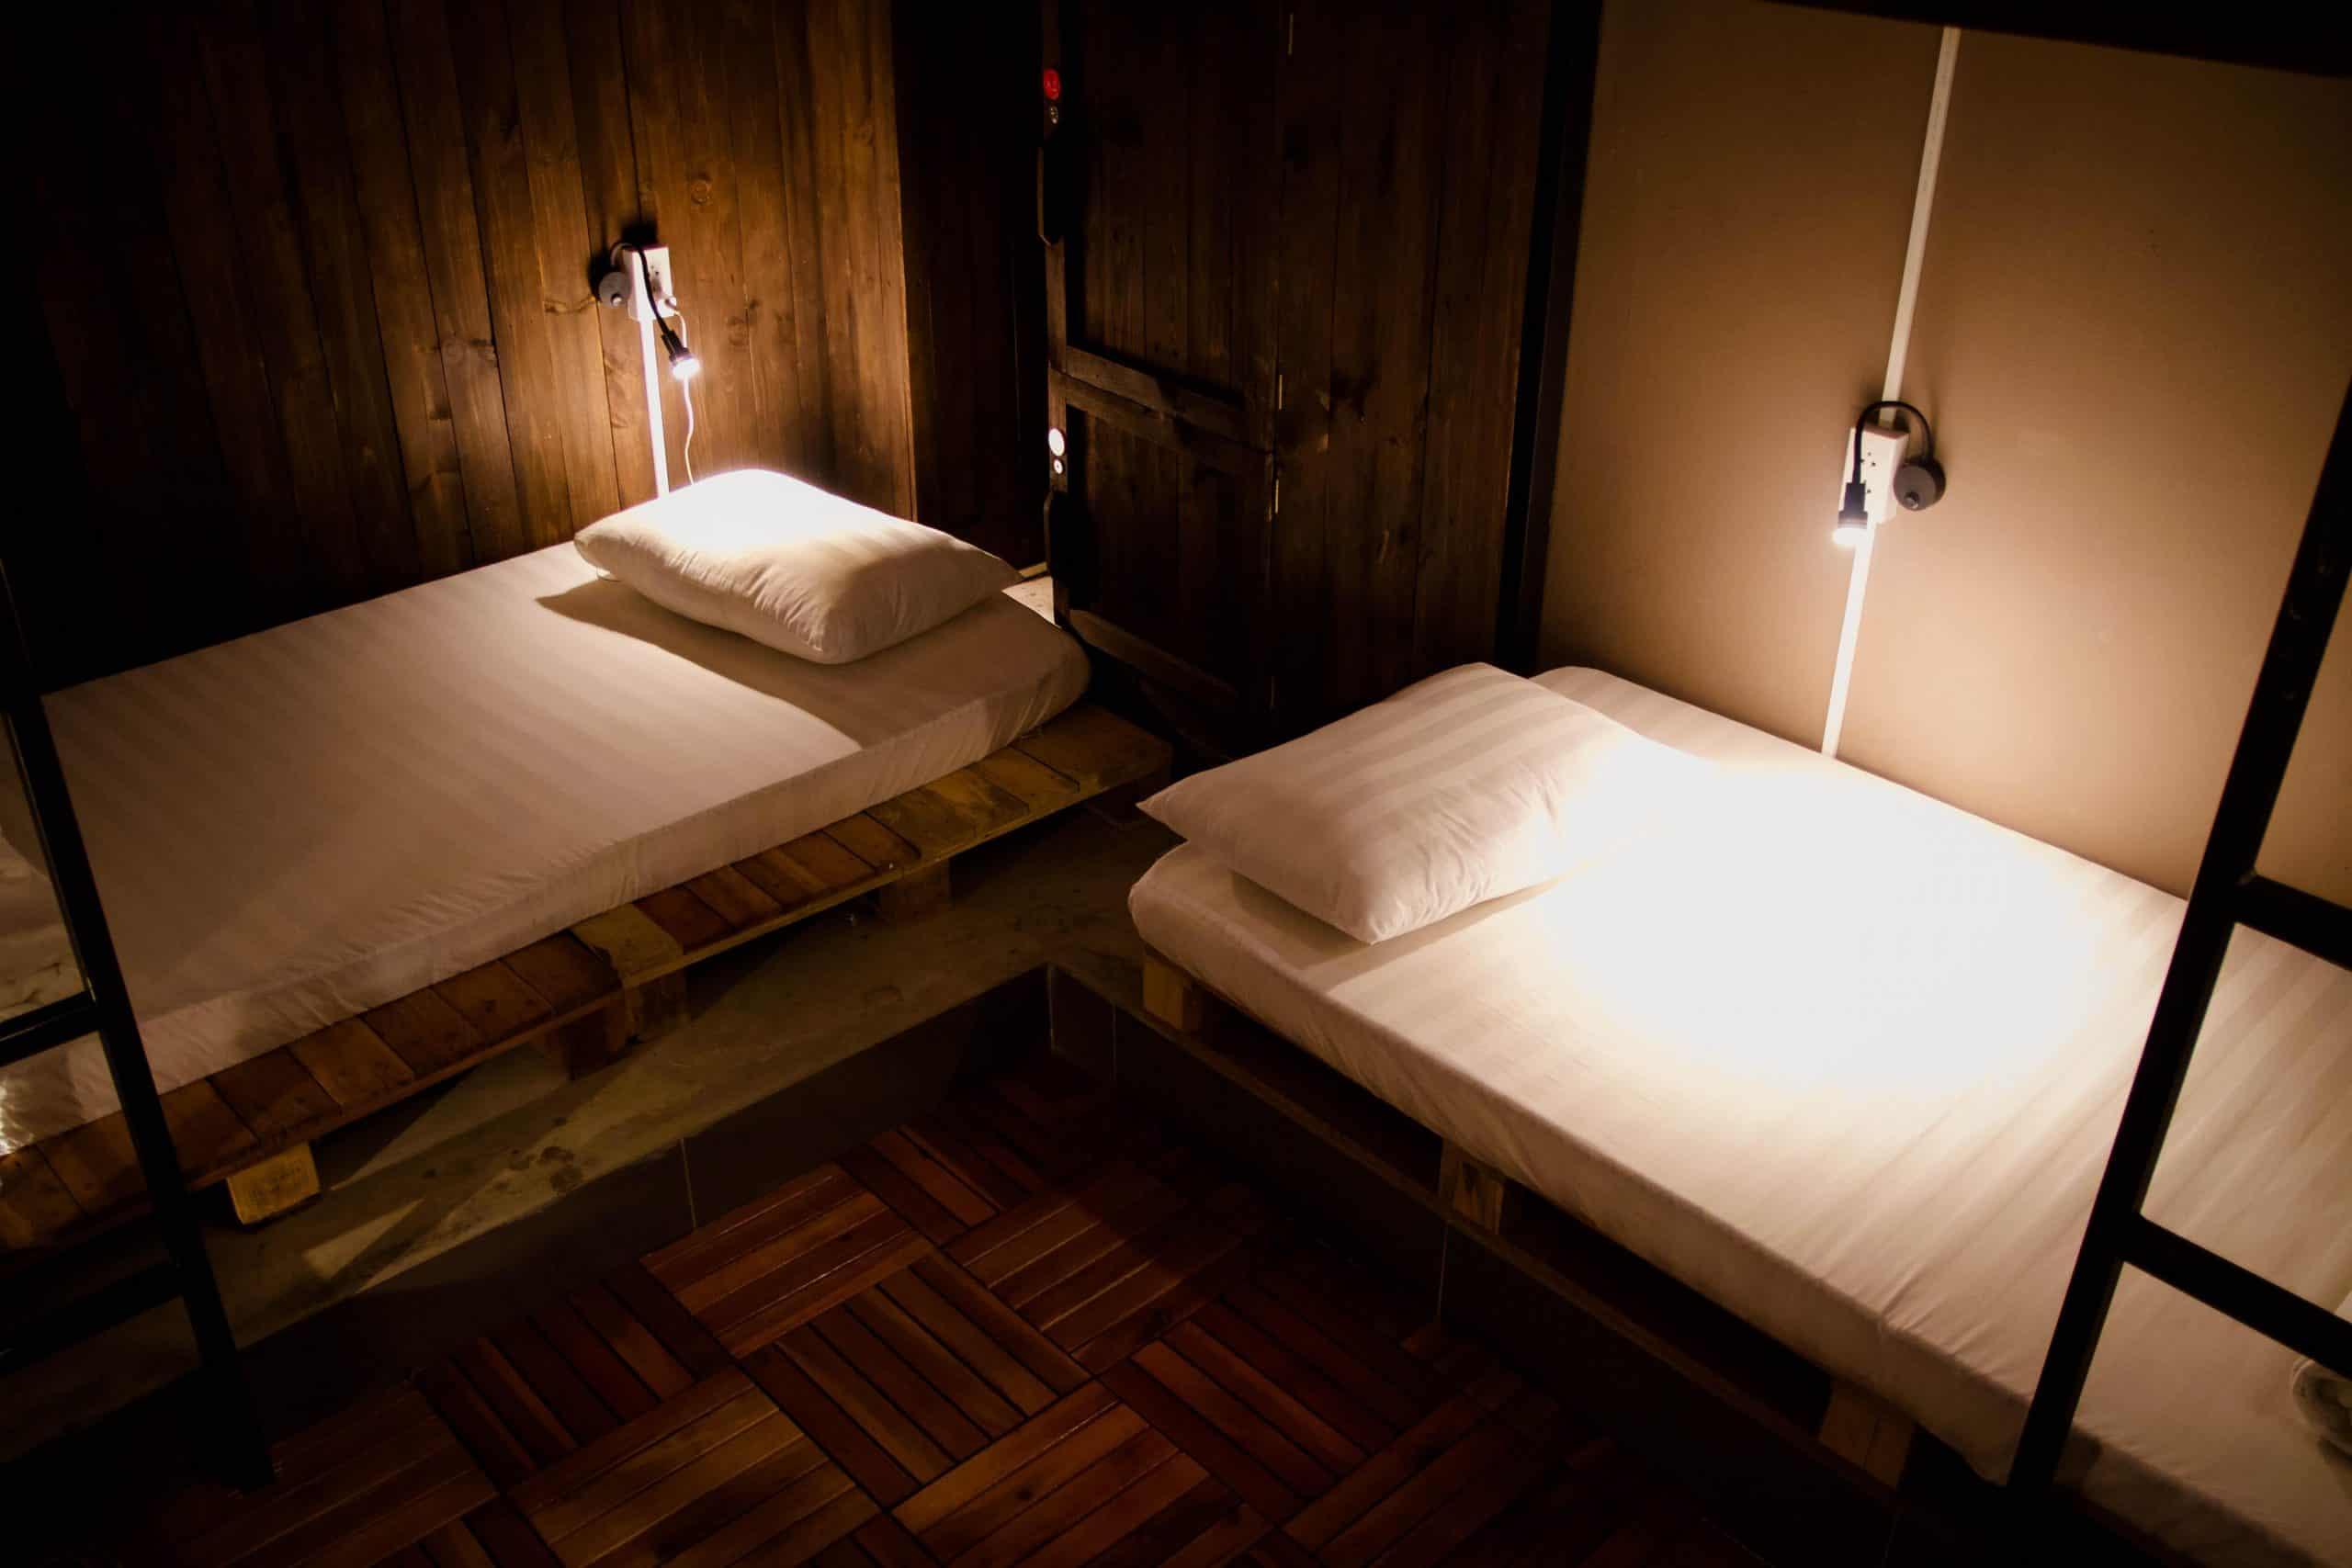 Thiết kế phòng nghỉ độc đáo và tối ưu diện tích